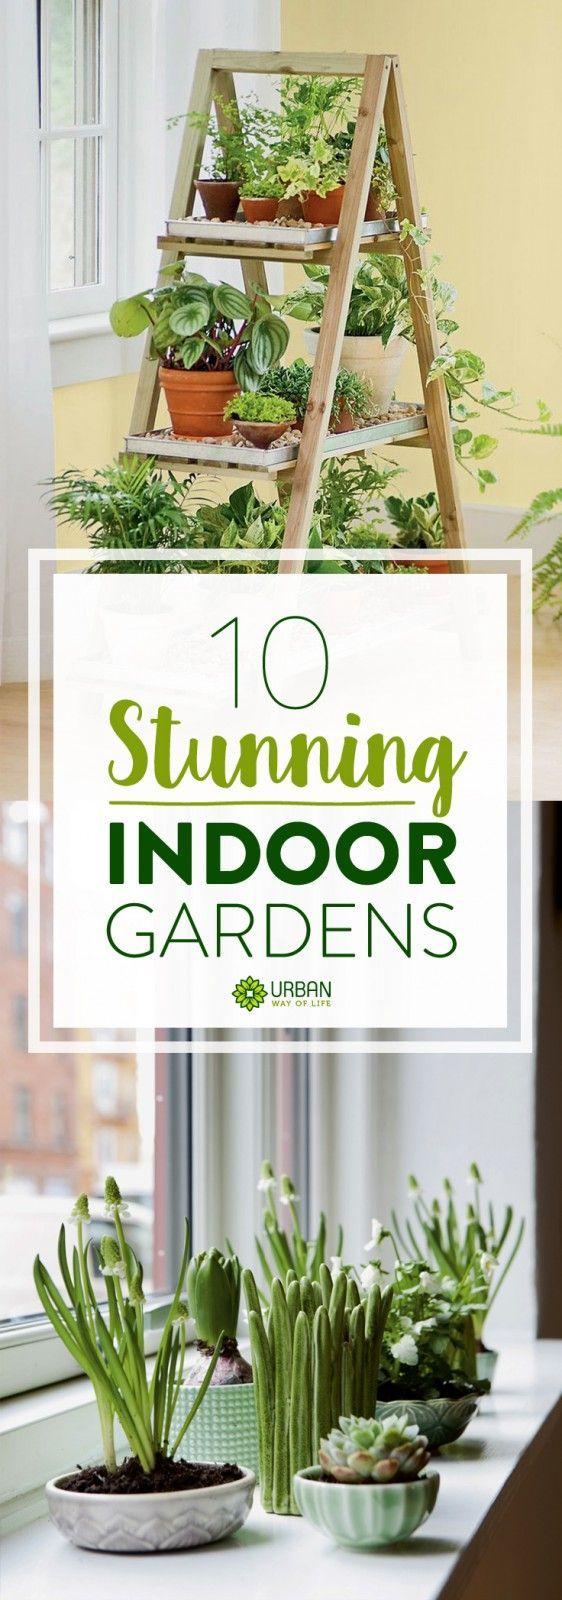 Get Inspired 10 Stunning Indoor Gardens Gardens, Indoor